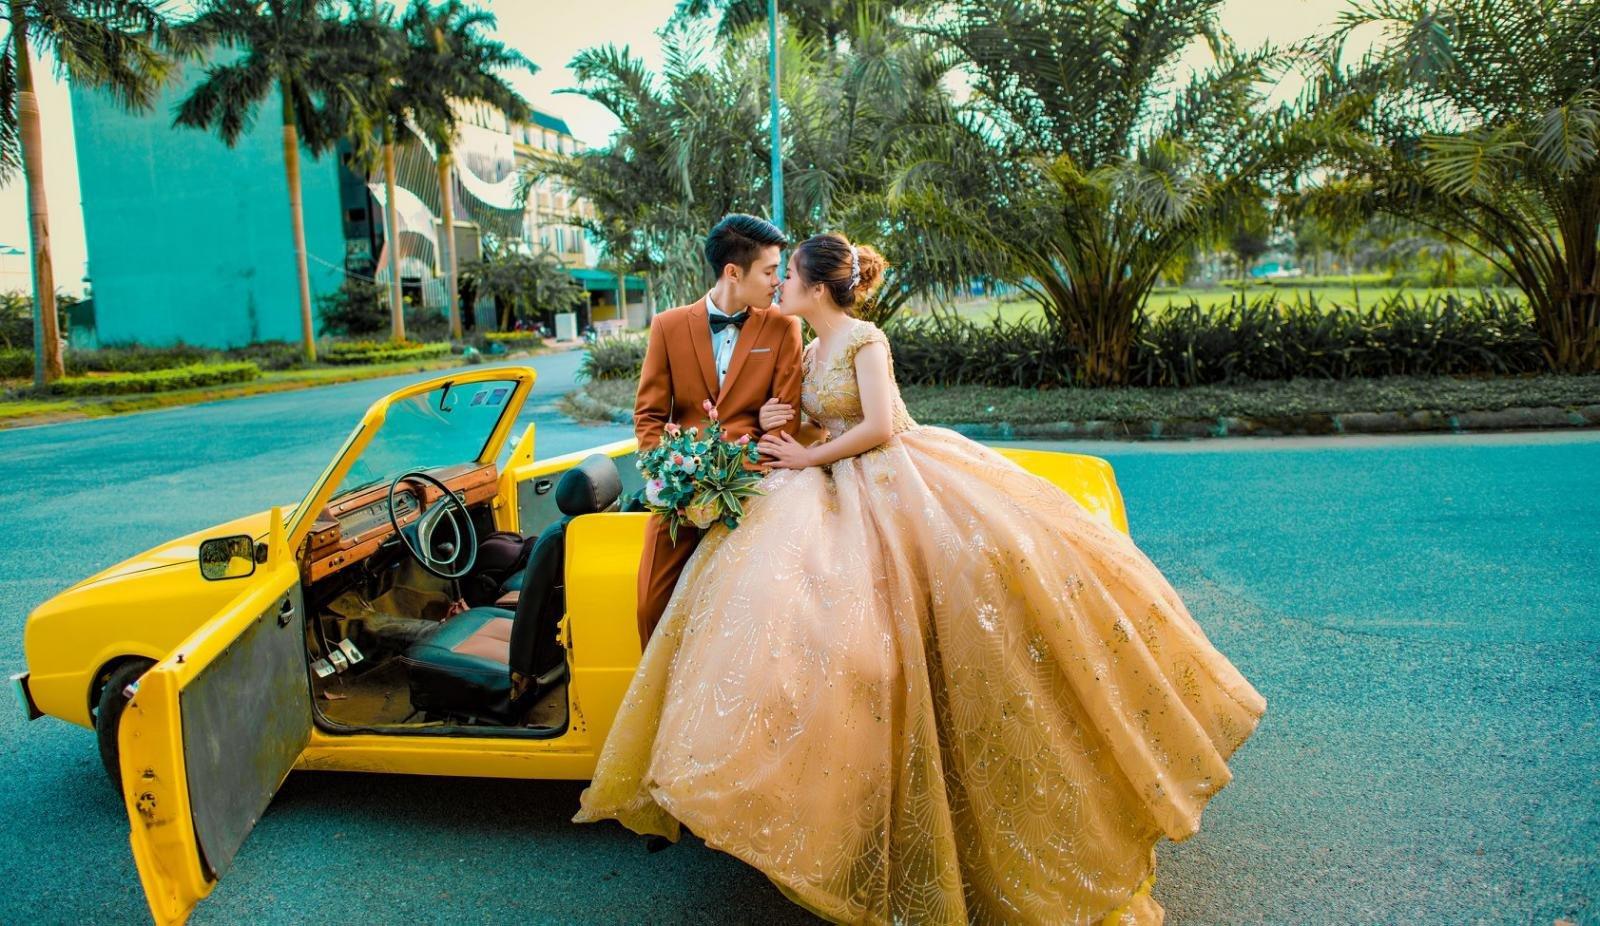 Nhiều cặp đôi rộn ràng chụp ảnh cưới bên xế cổ Mazda 1200 gây sốt4aa